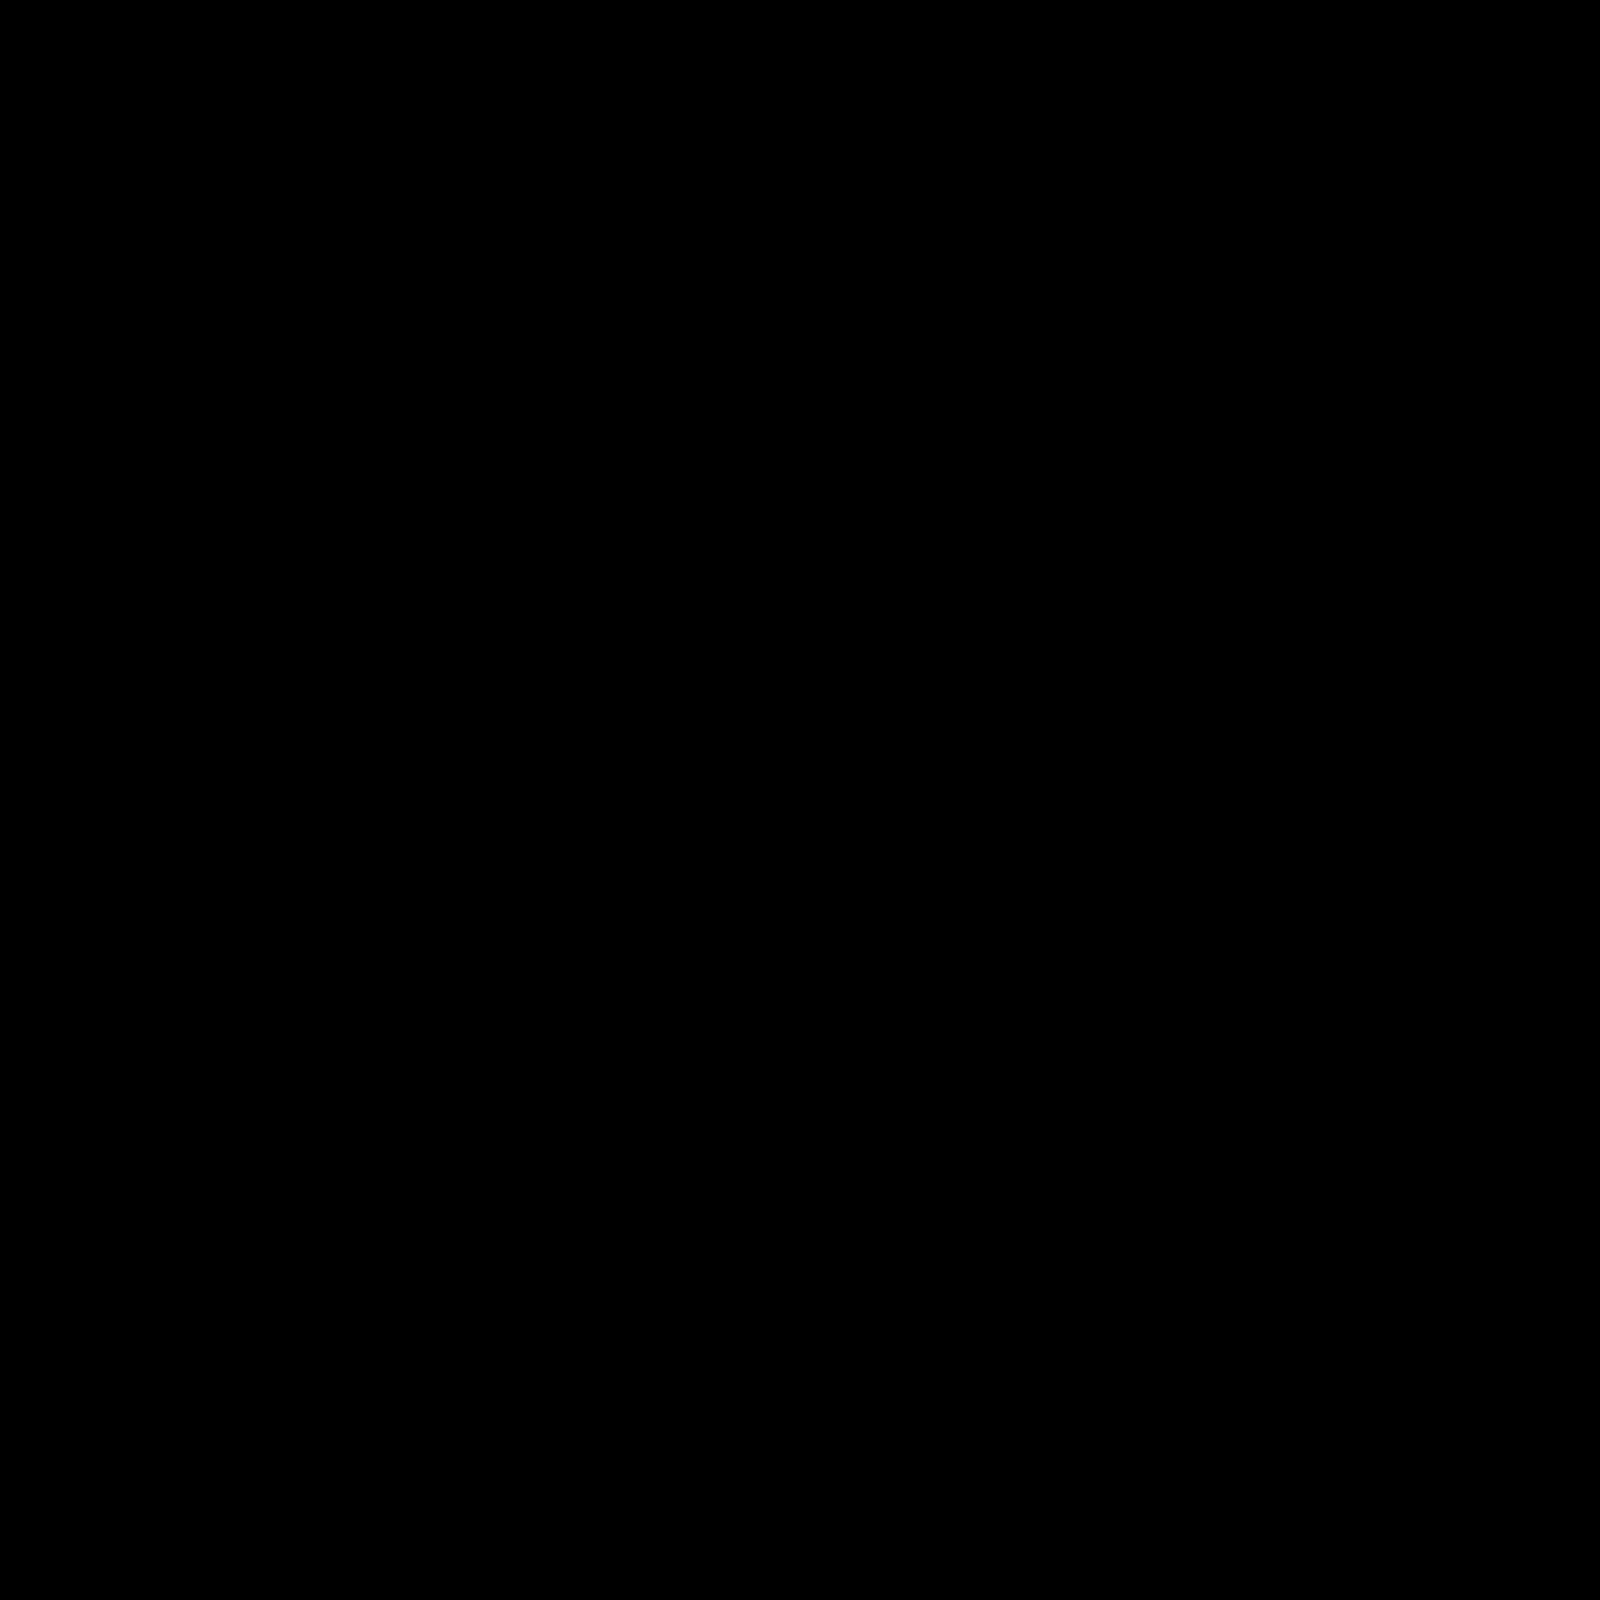 Światło kuchenne icon